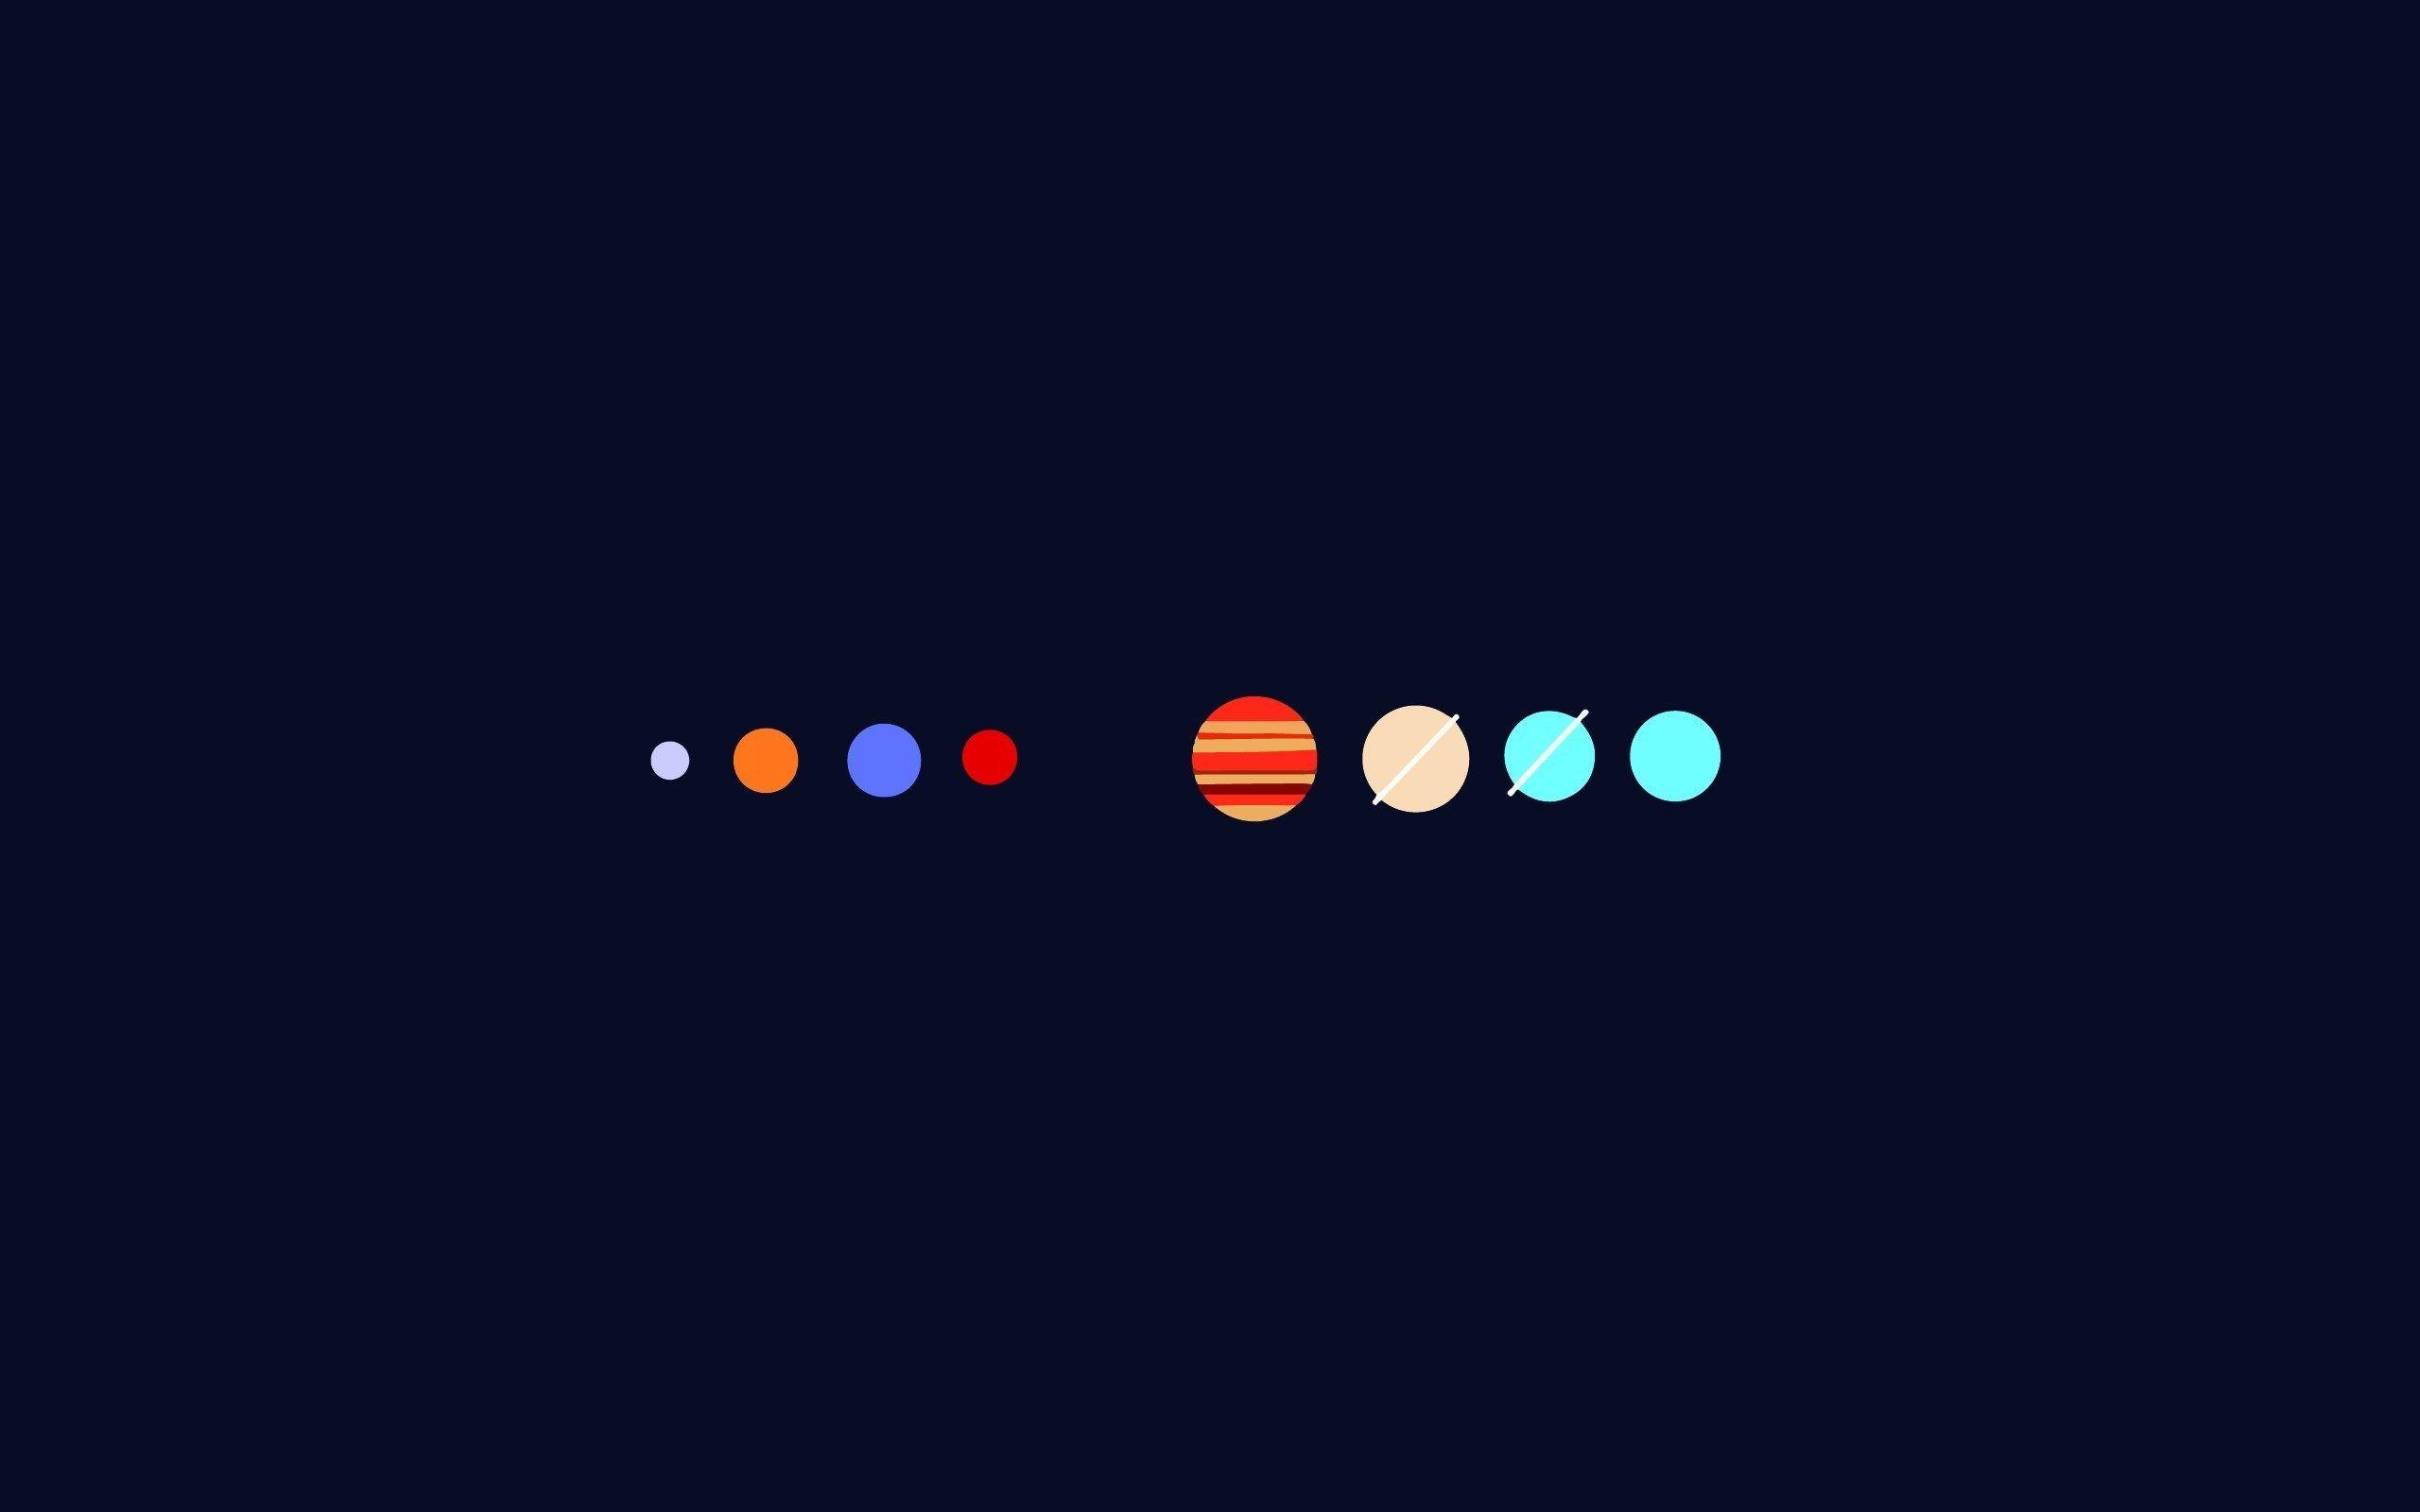 Solar System 1920x1080 En 2019 Fond D Ecran Ordi Fond D